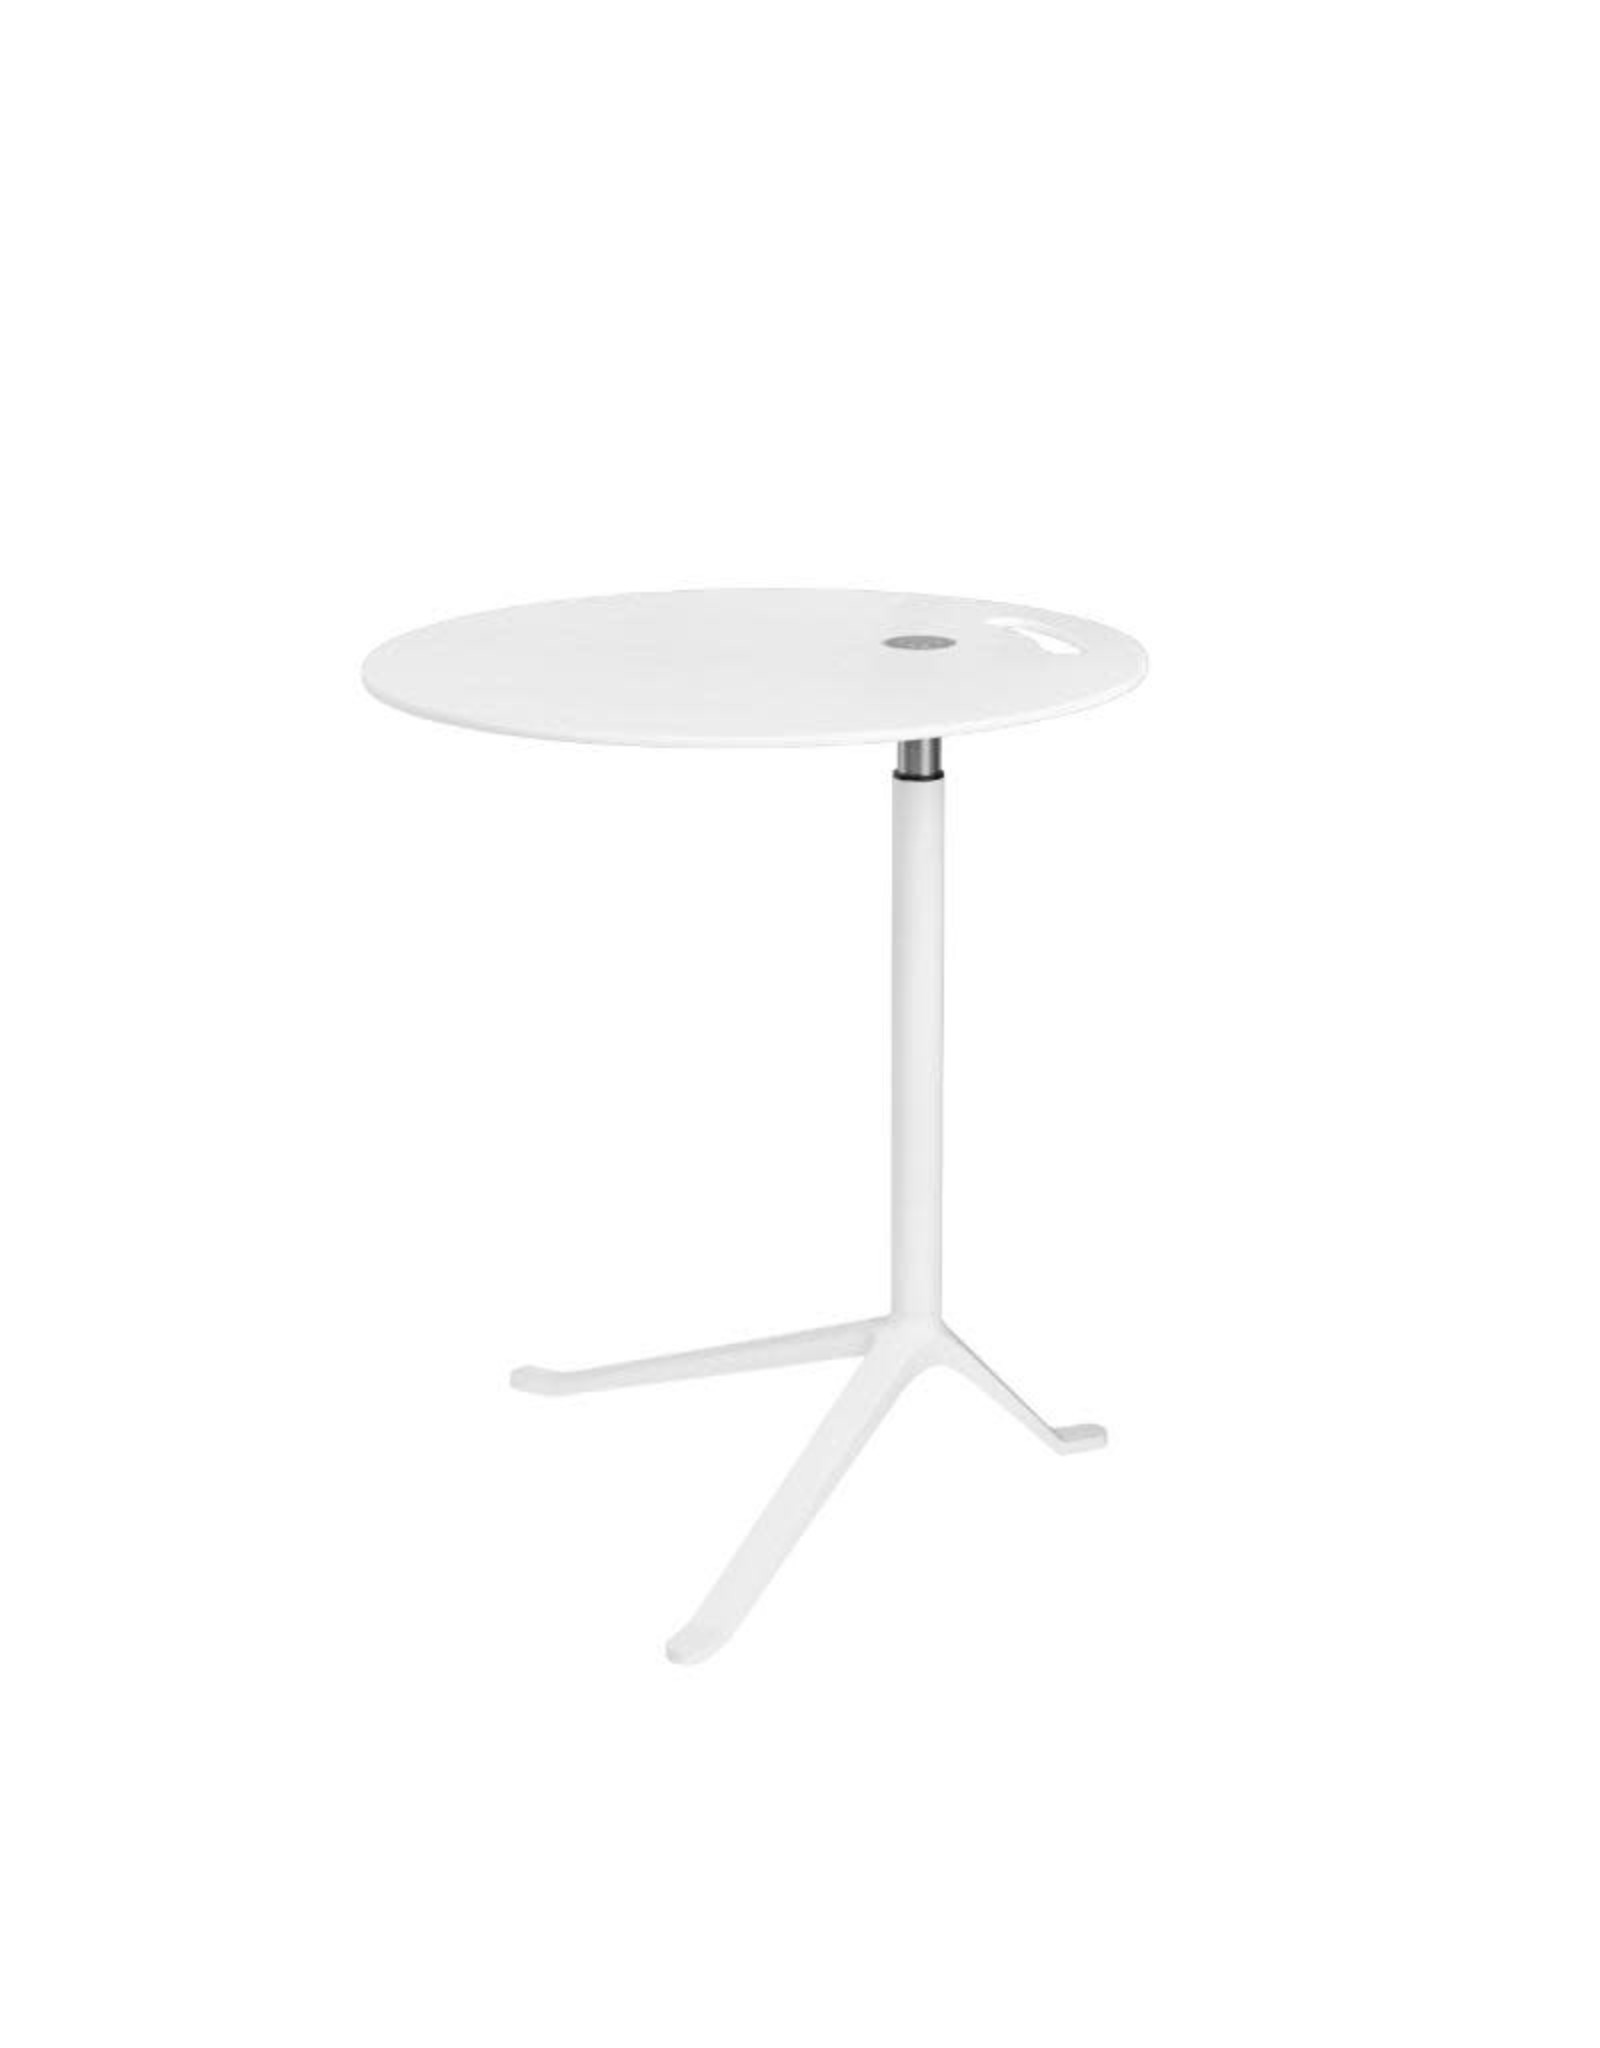 FRITZ HANSEN KS11 LITTLE FRIEND 多用途白色邊桌